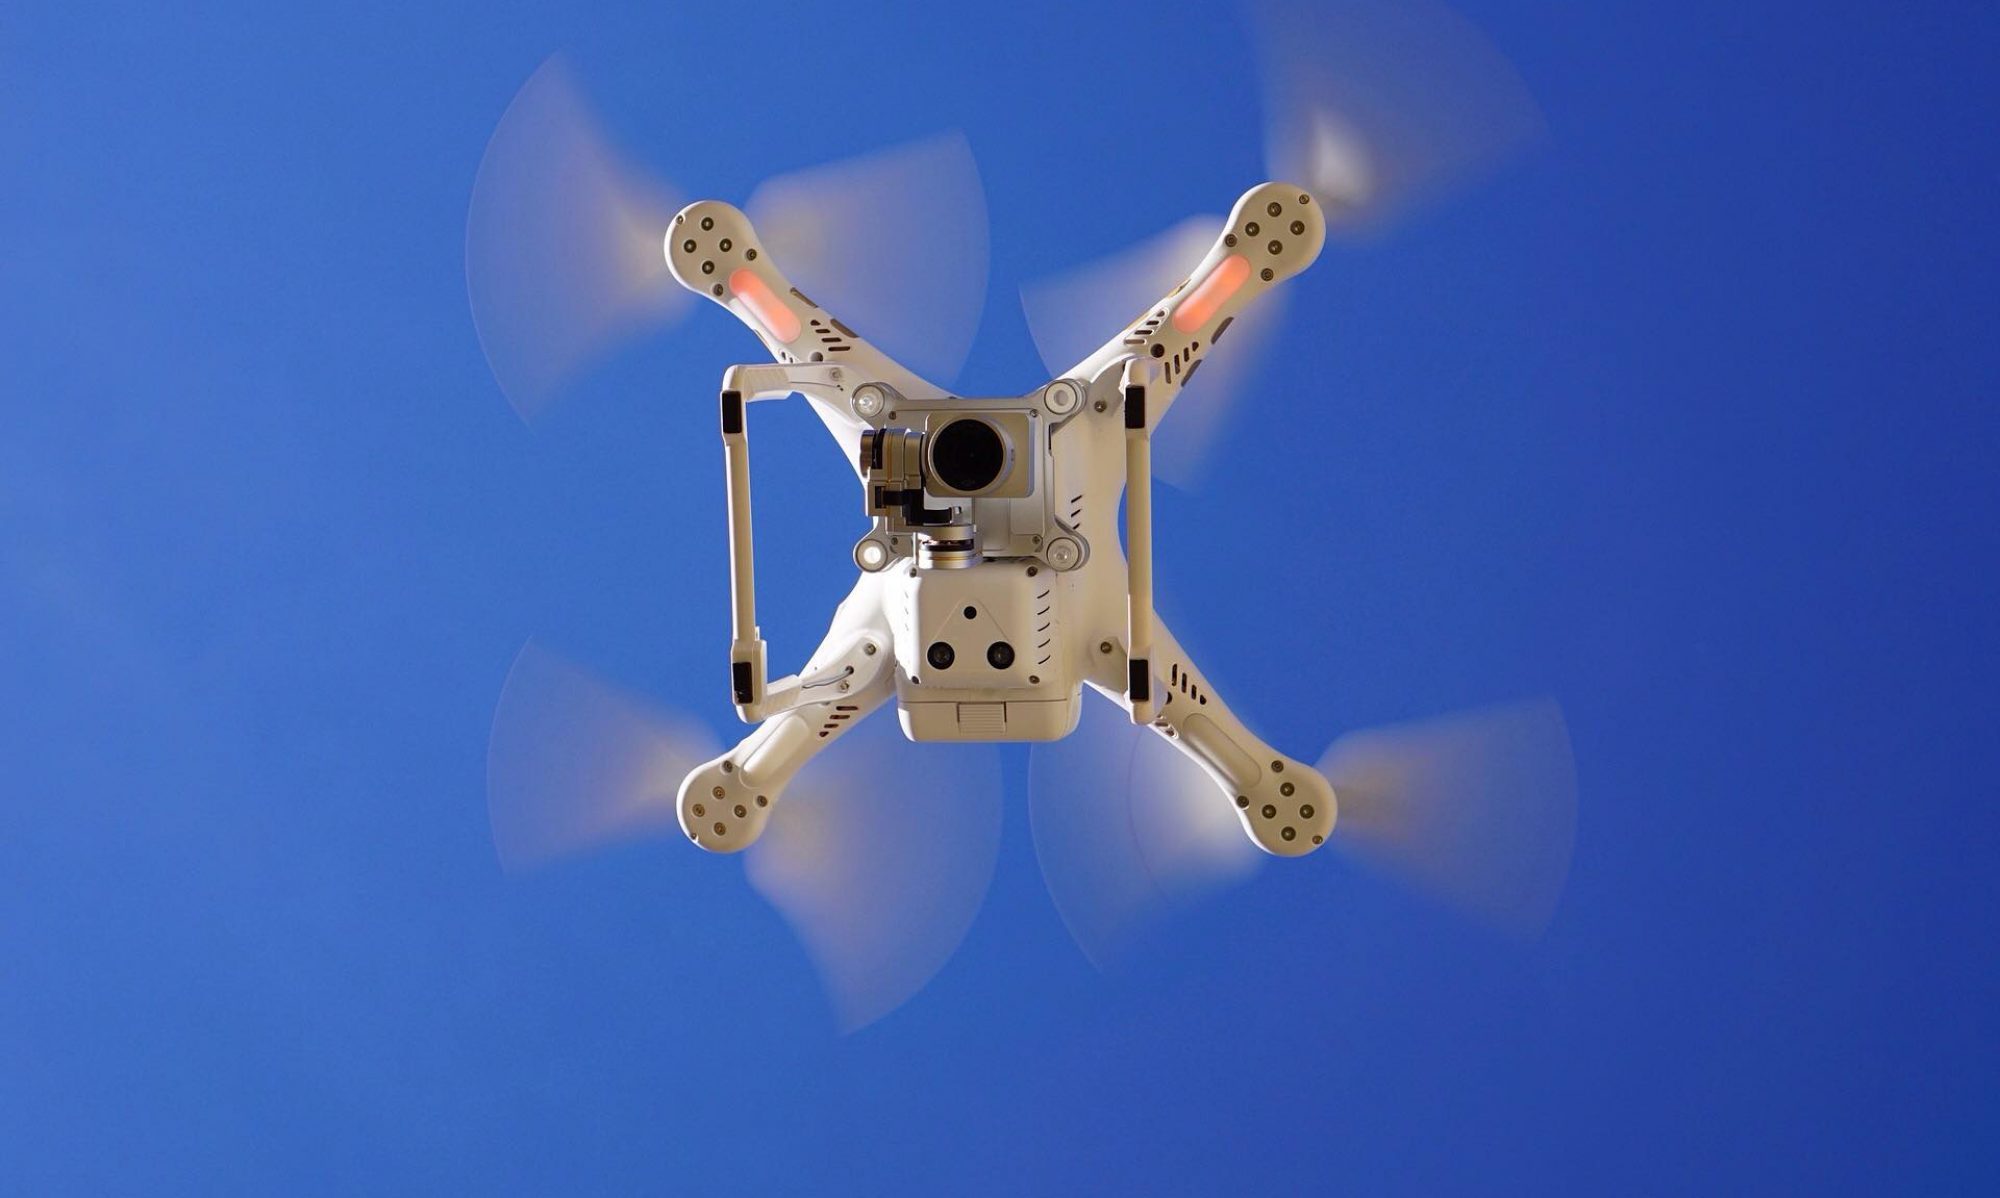 Sachverständiger für Unbemannte Luftfahrzeugsysteme und Flugmodelle